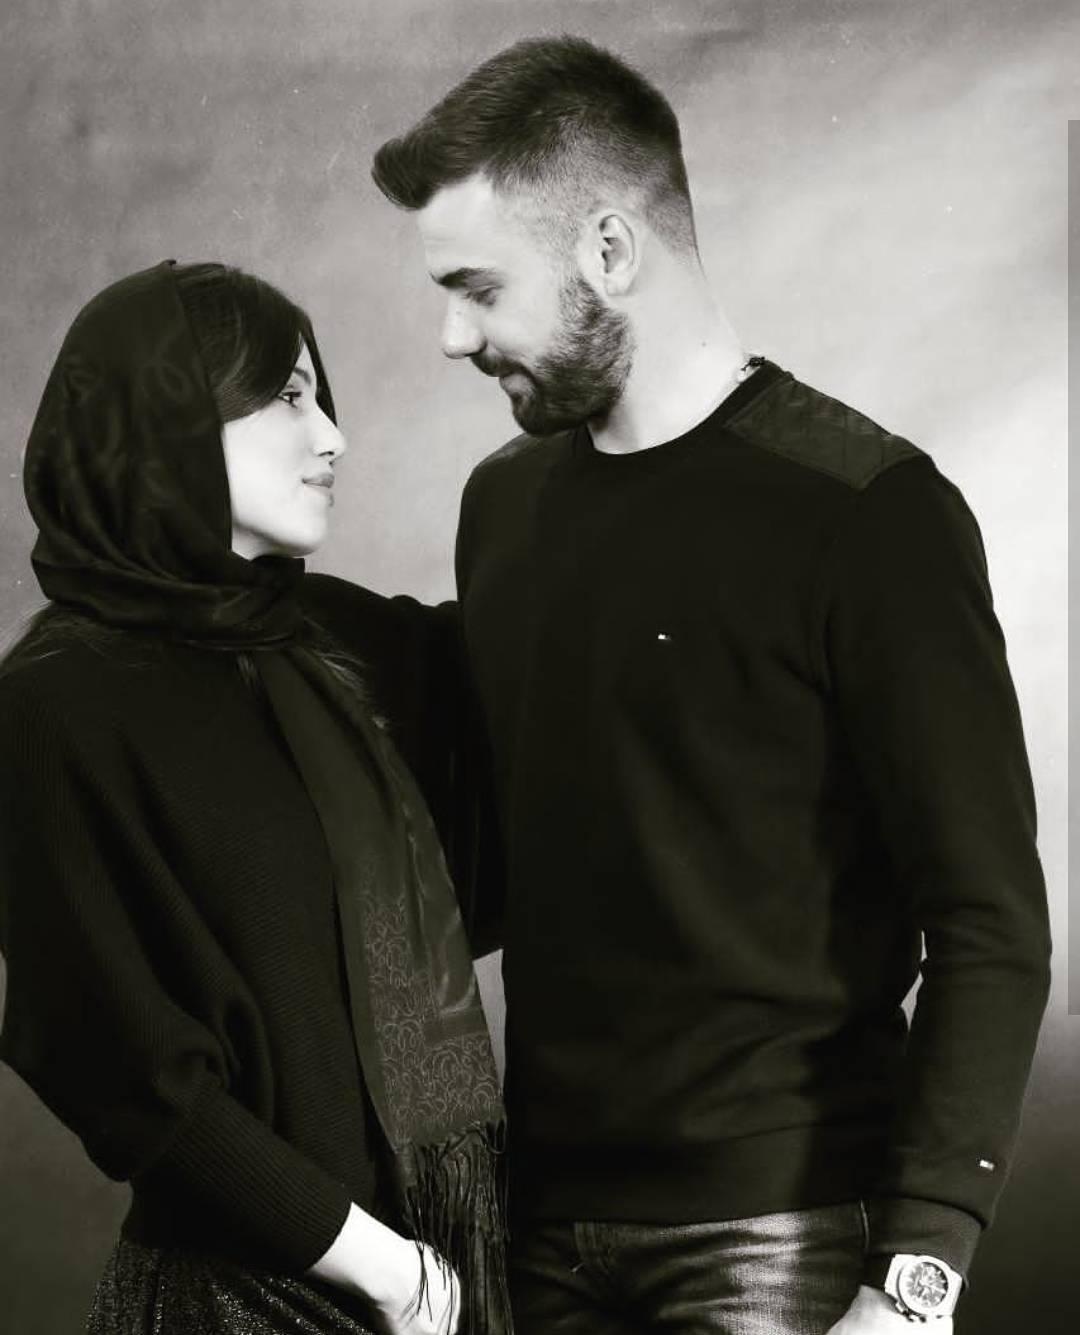 عکس سیاه و سفید بوژیدار رادوشوویچ و همسرش